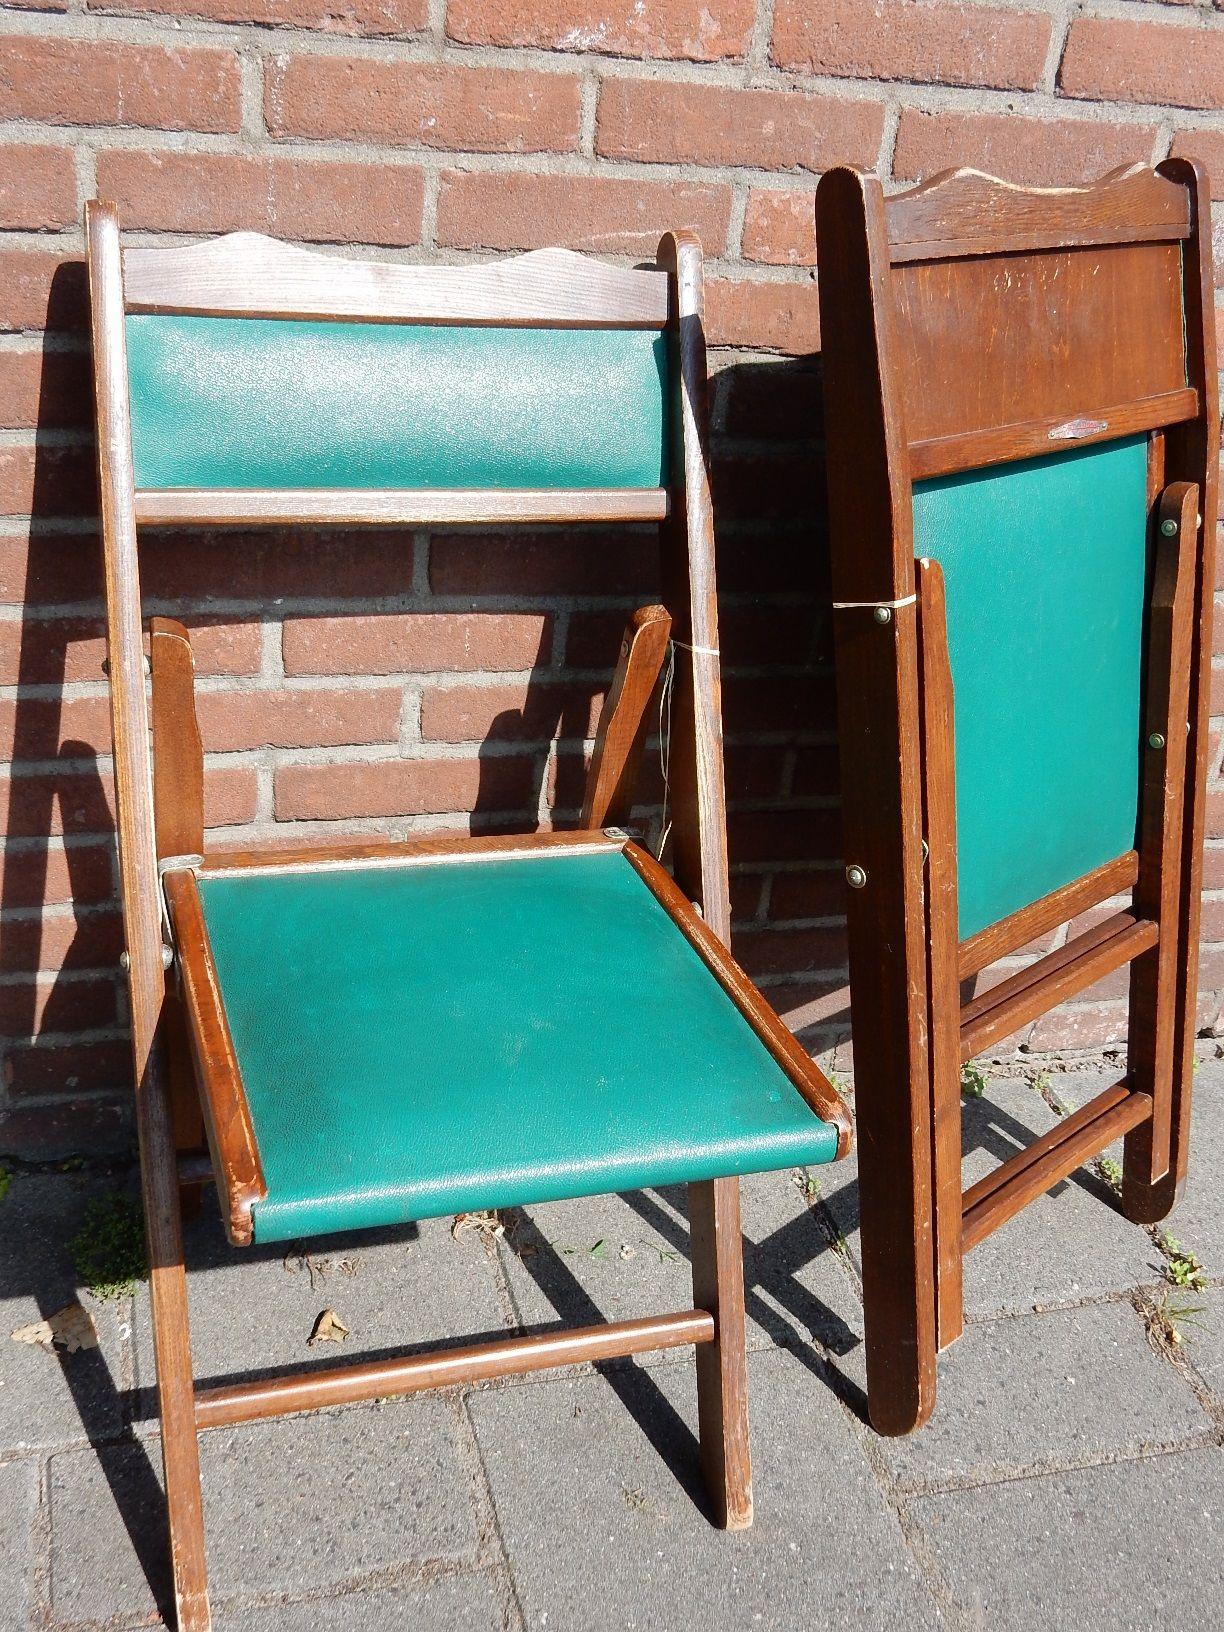 Klapstoel Met Leren Zitting.Twee Vintage Klapstoelen Van Hout Met Groen Sky Lederen Rug En